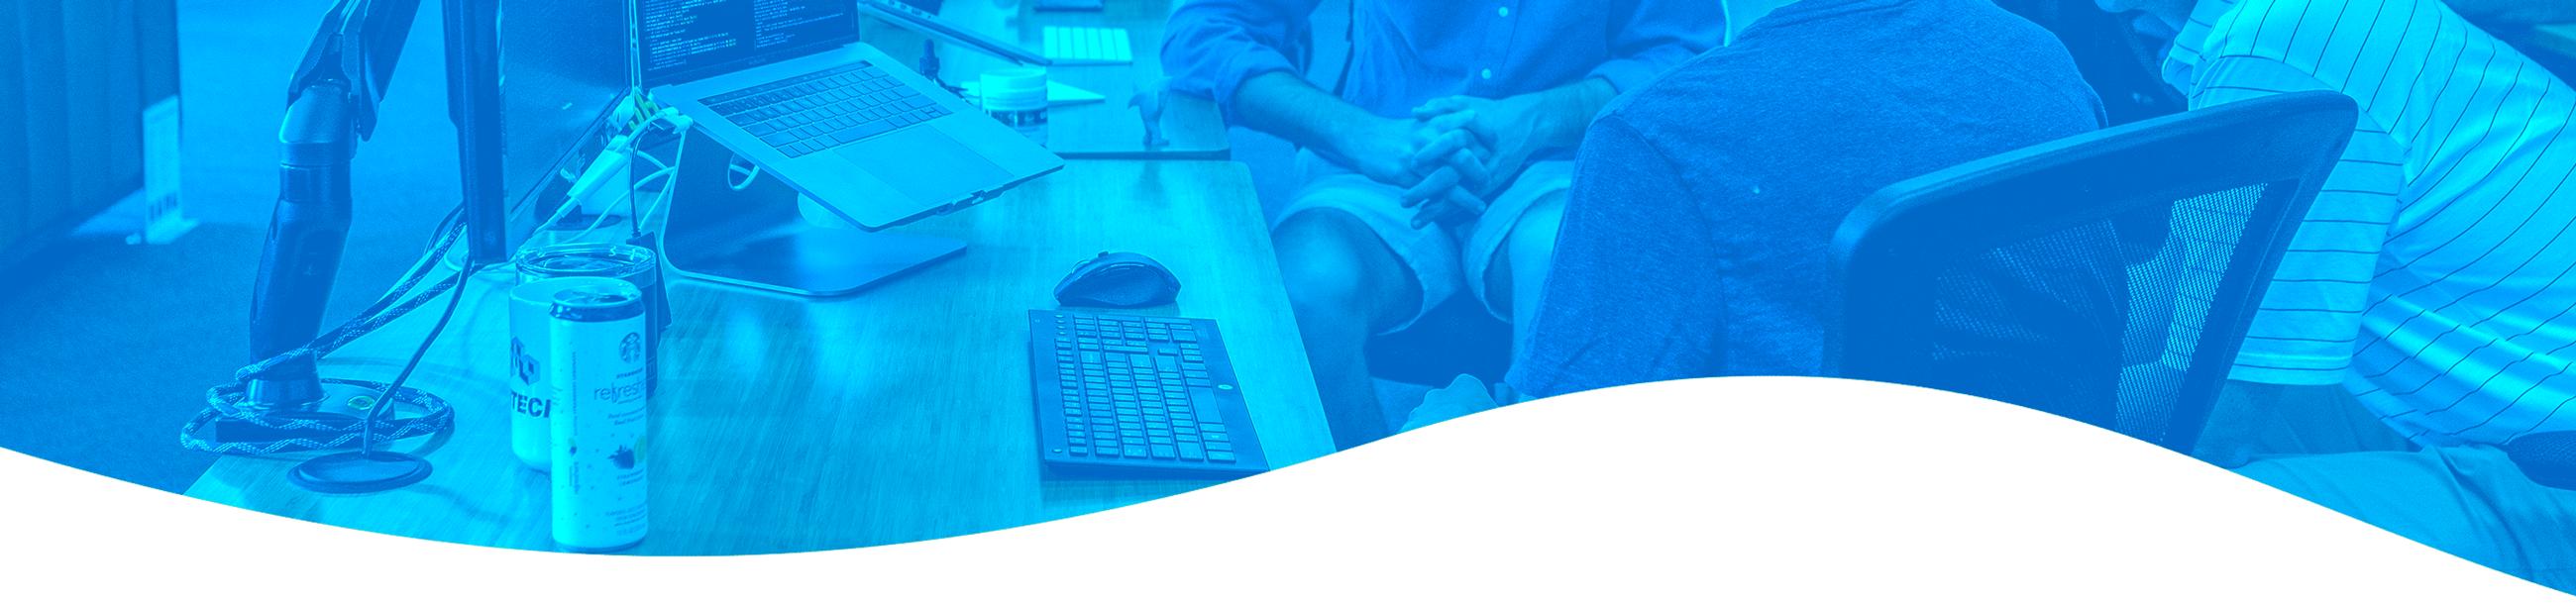 Papersoft DMS - Página de missão e visão